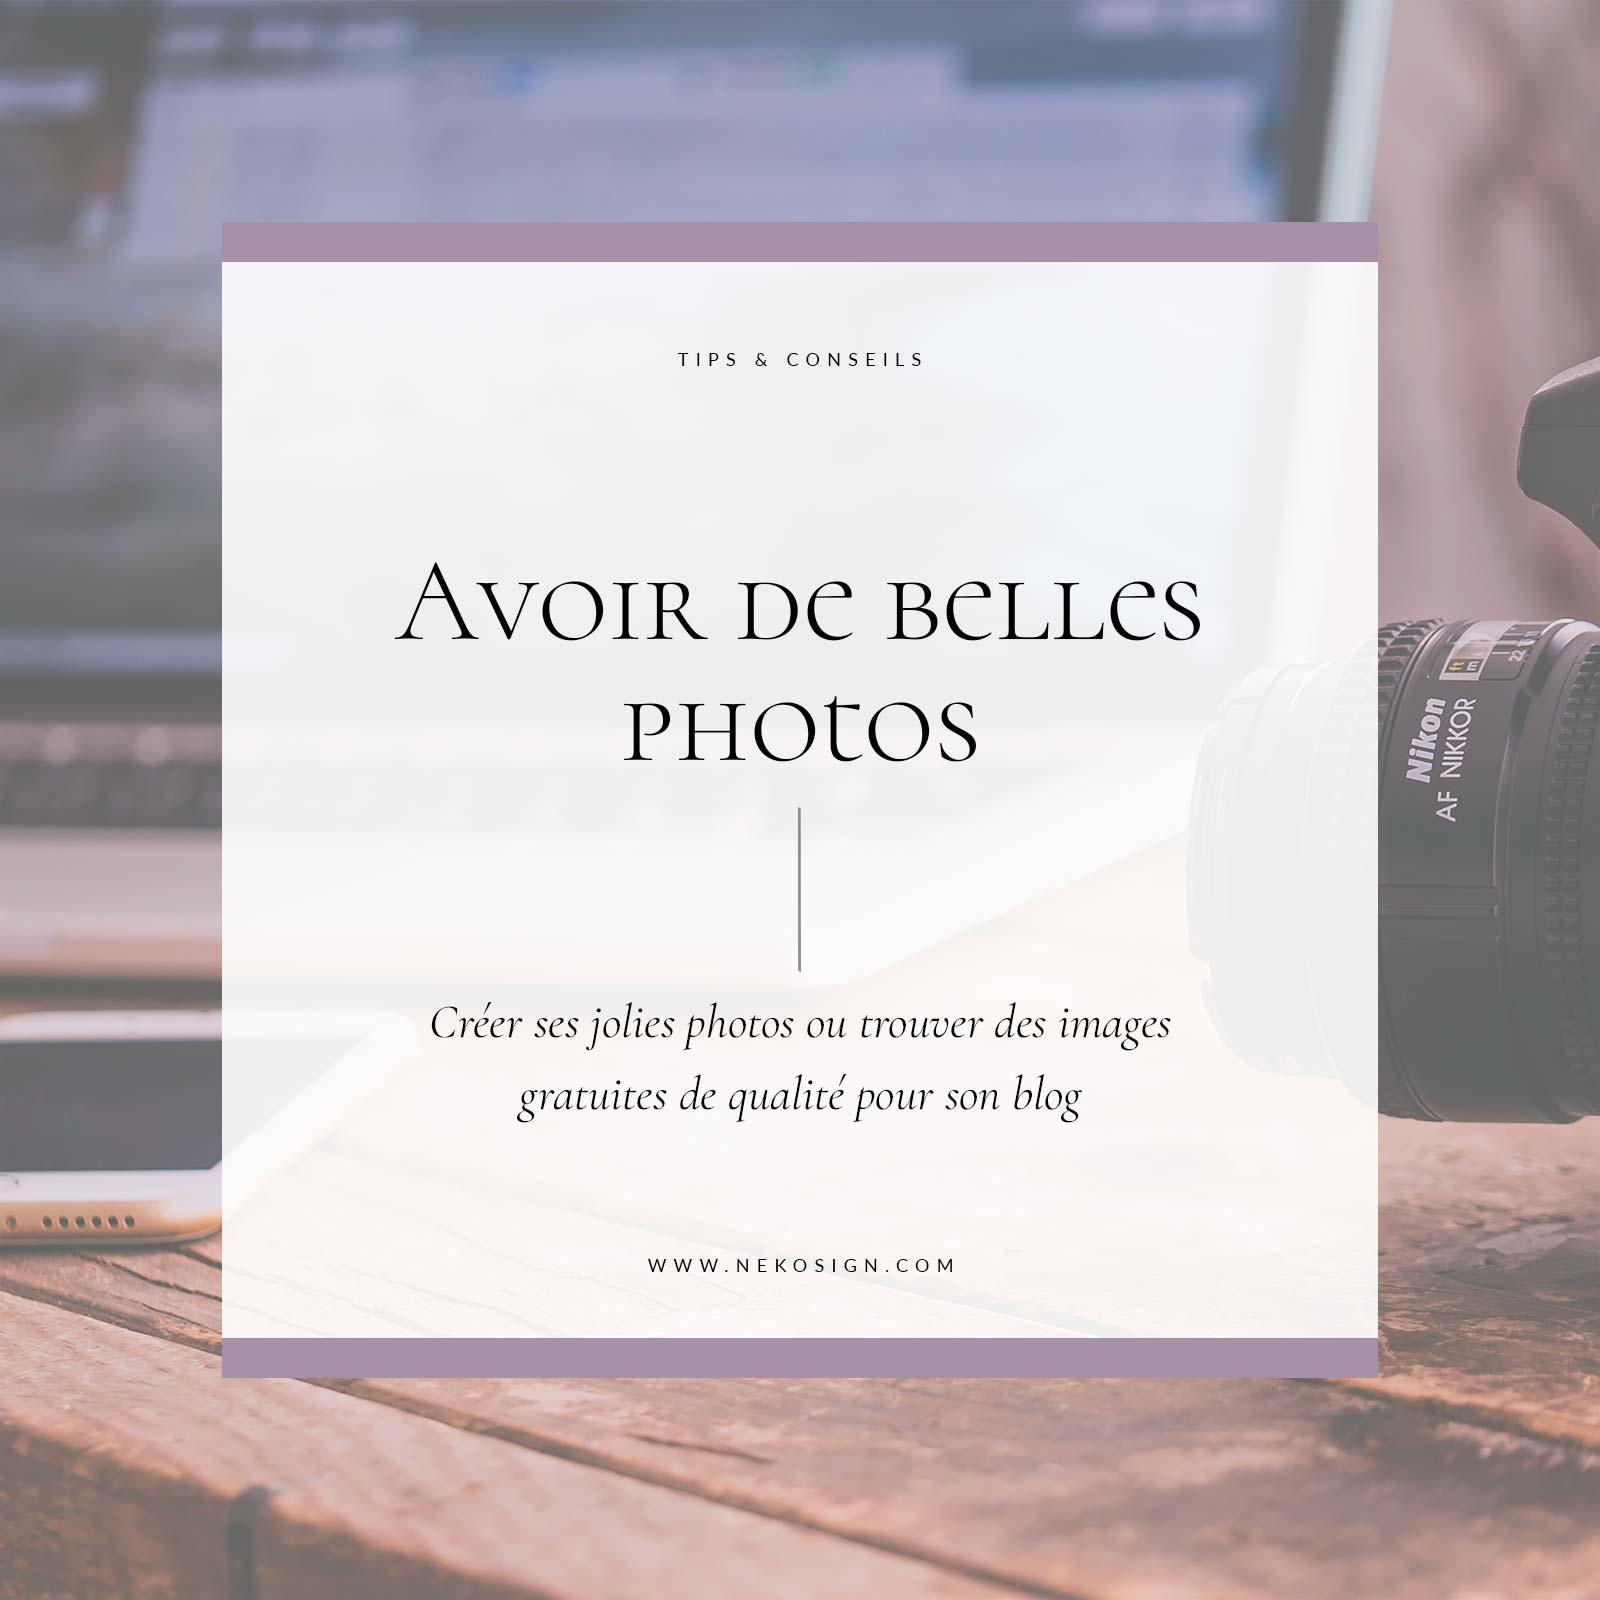 Avoir de belles photos pour mon site et articles de blog